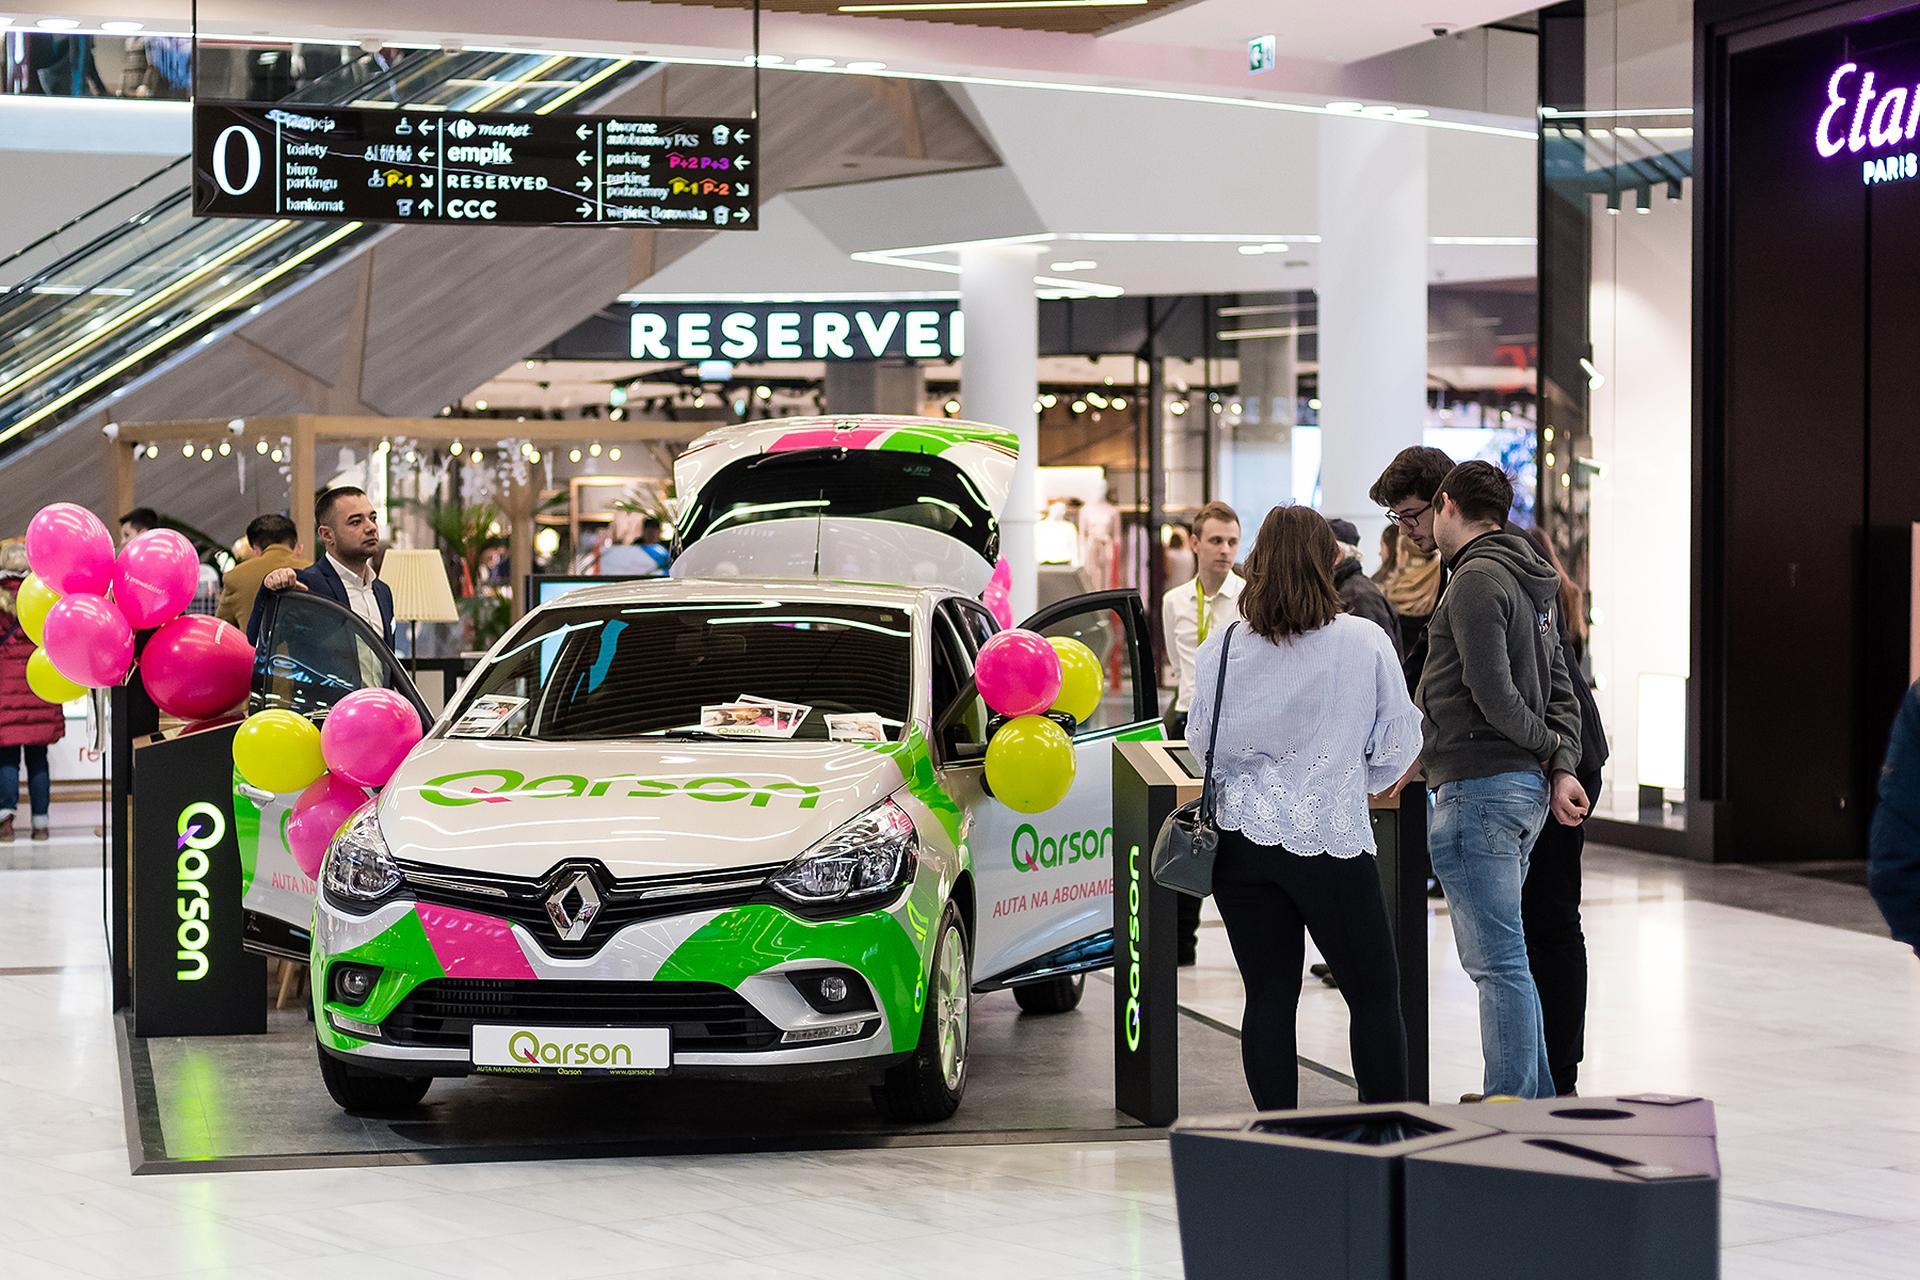 Auto kupisz w polskim supermarkecie samochody na abonament qarson ceny warunki jak to działa super express